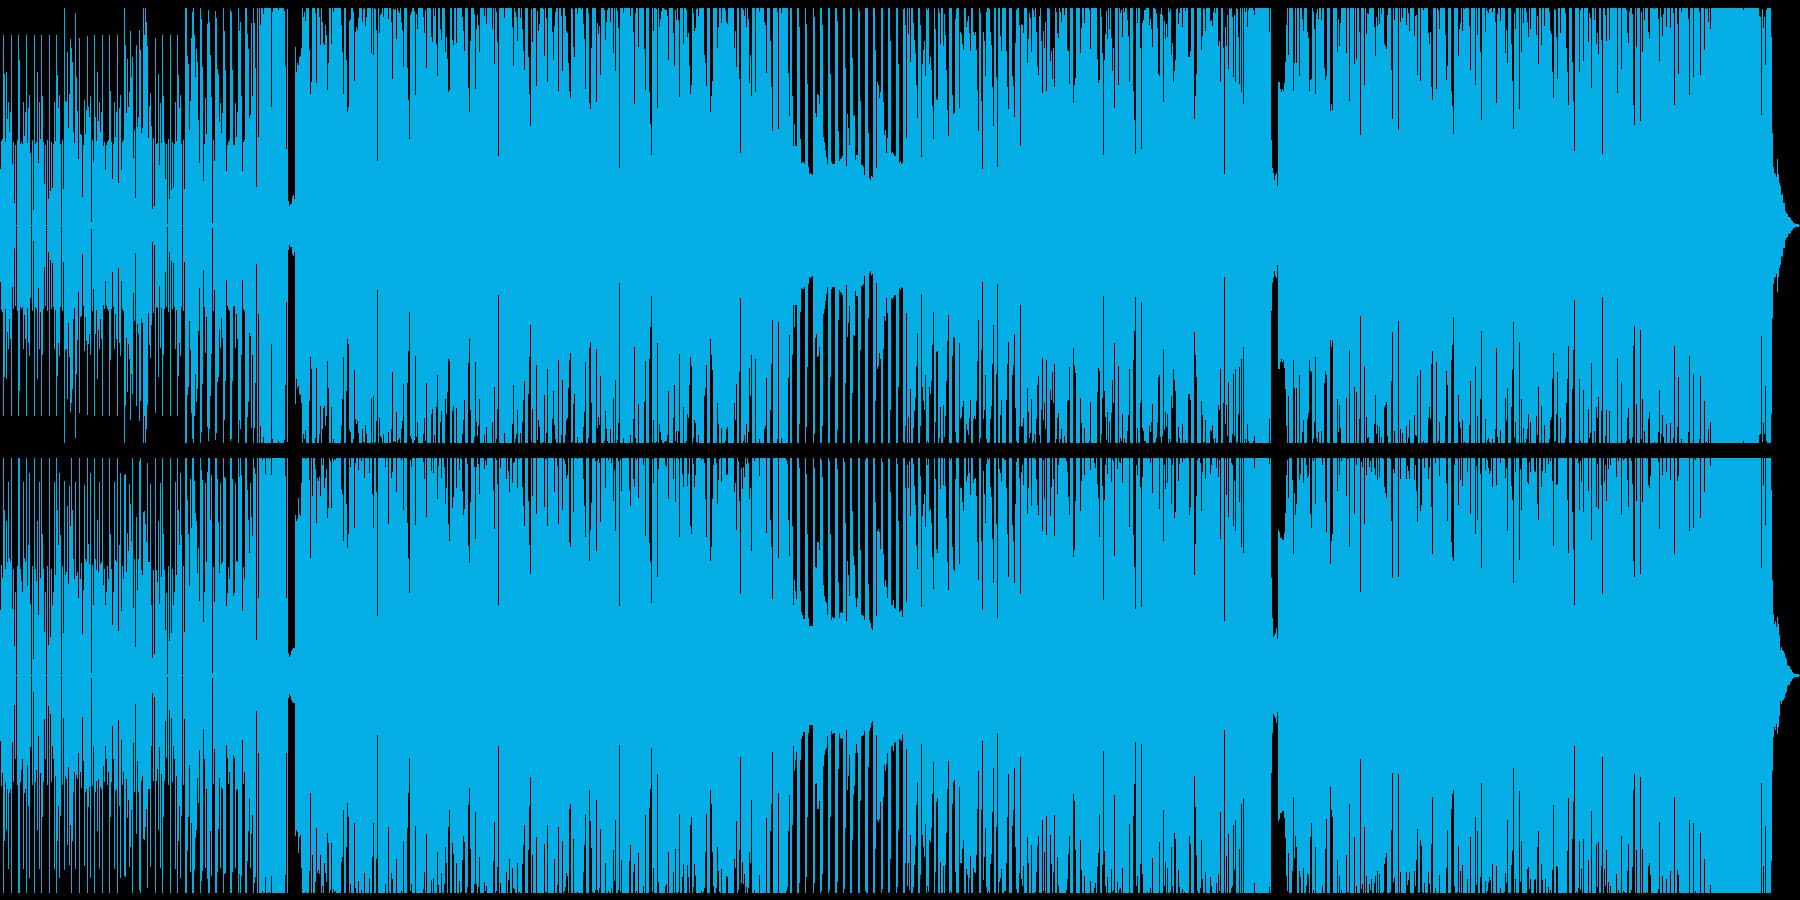 疾走感のあるシンプルなドラムンベースの再生済みの波形